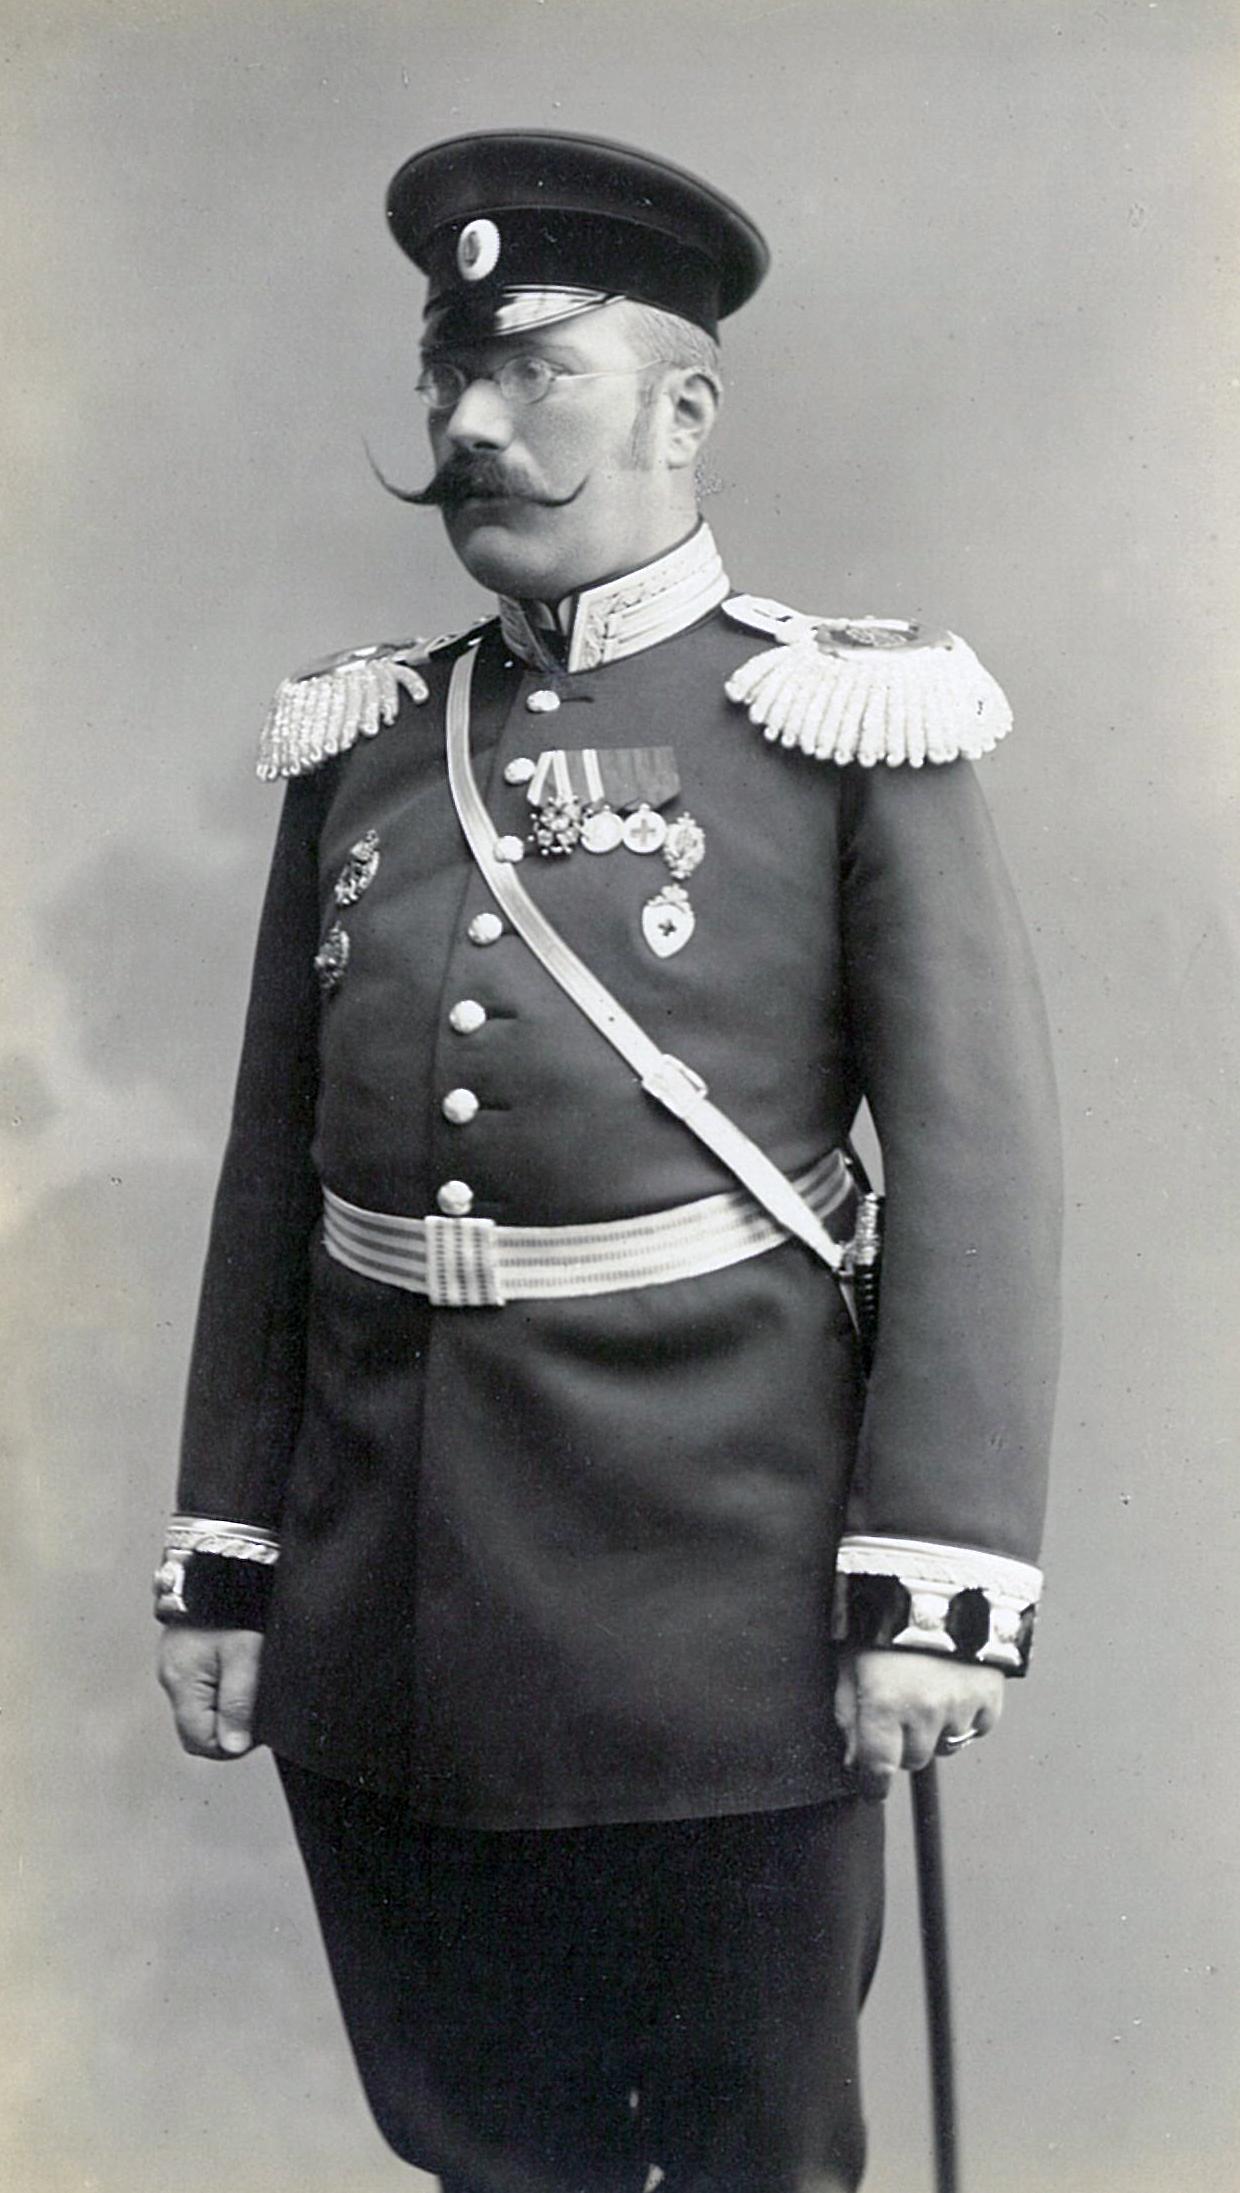 Василий Павлович Всеволожский в полной парадной военной форме. Он был доктором медицины на военной службе